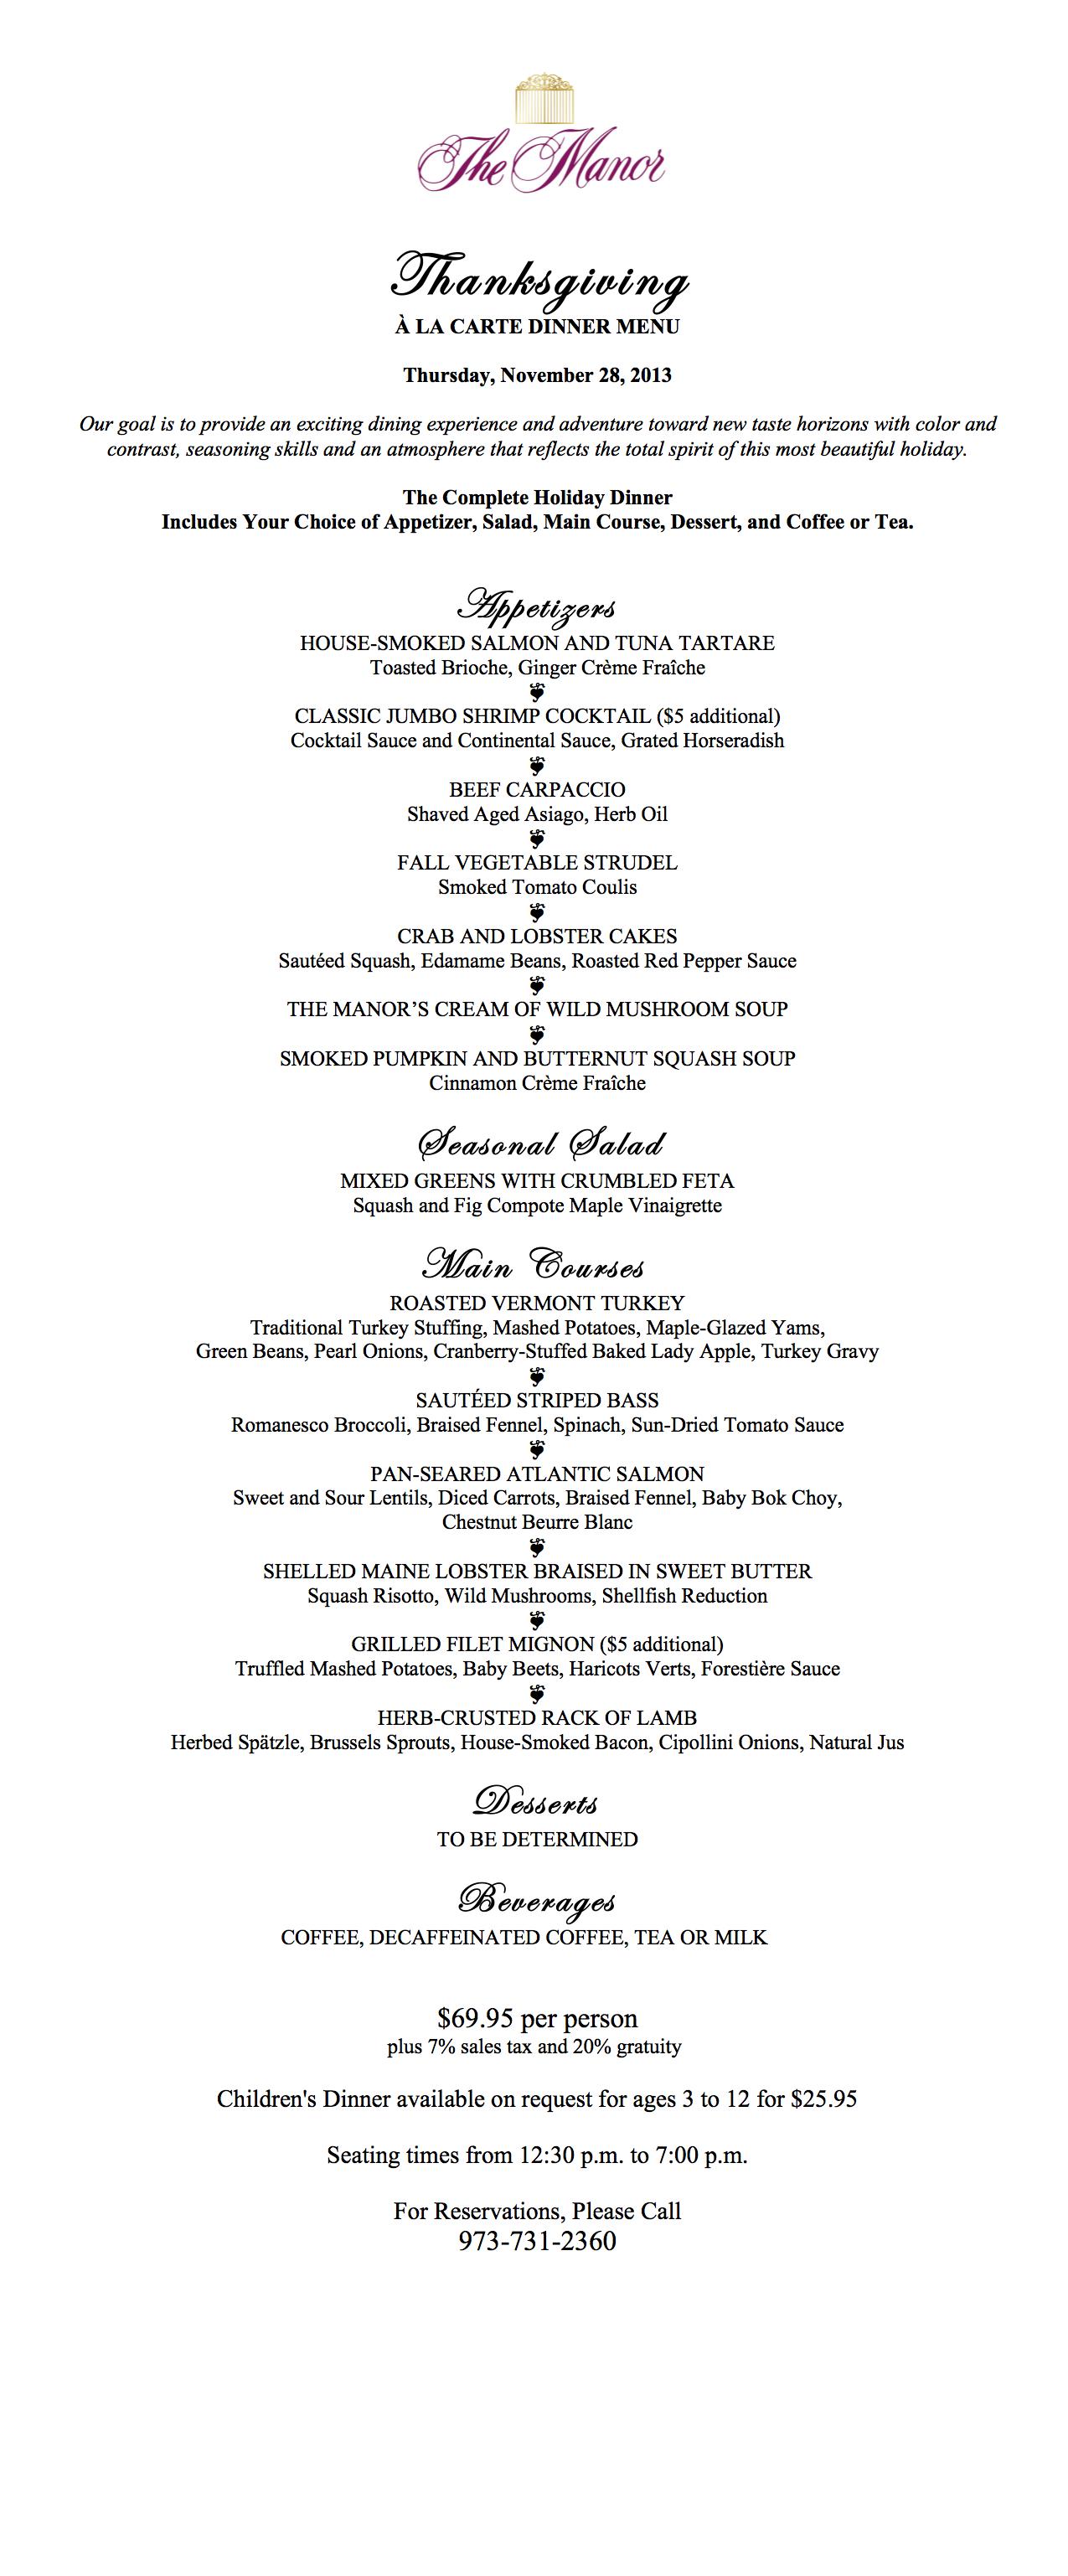 Manor_Thanksgiving_2013_Dinner_Menu copy.jpg